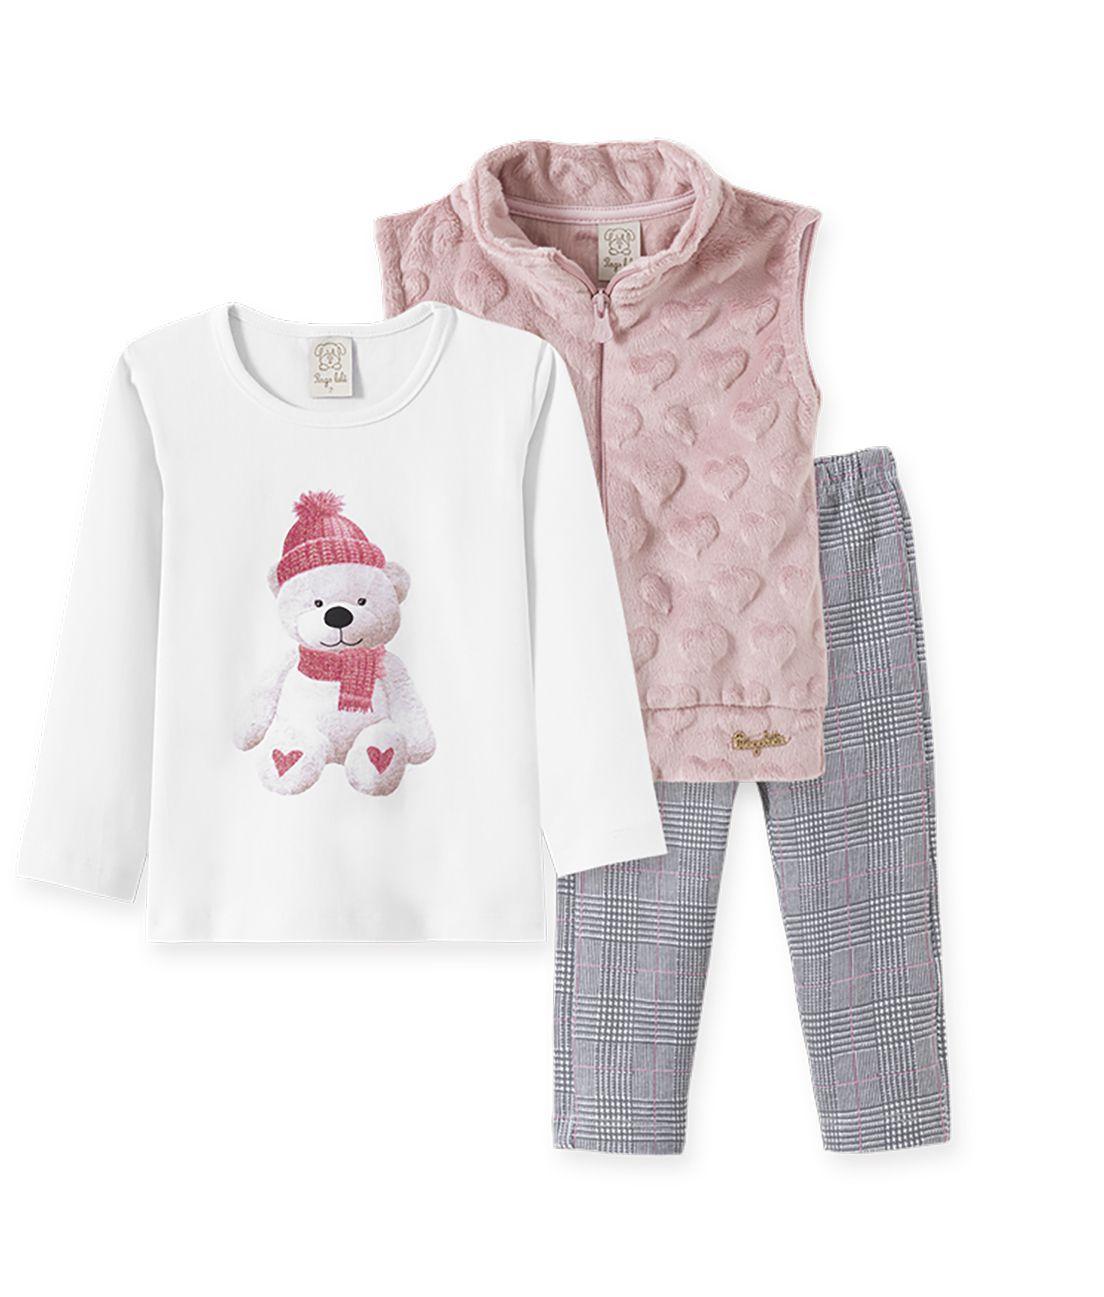 Conjunto camiseta manga longa, Calça Cotton e Colete  Pelo Pingo Lelê ursinha  xadrez e rosa